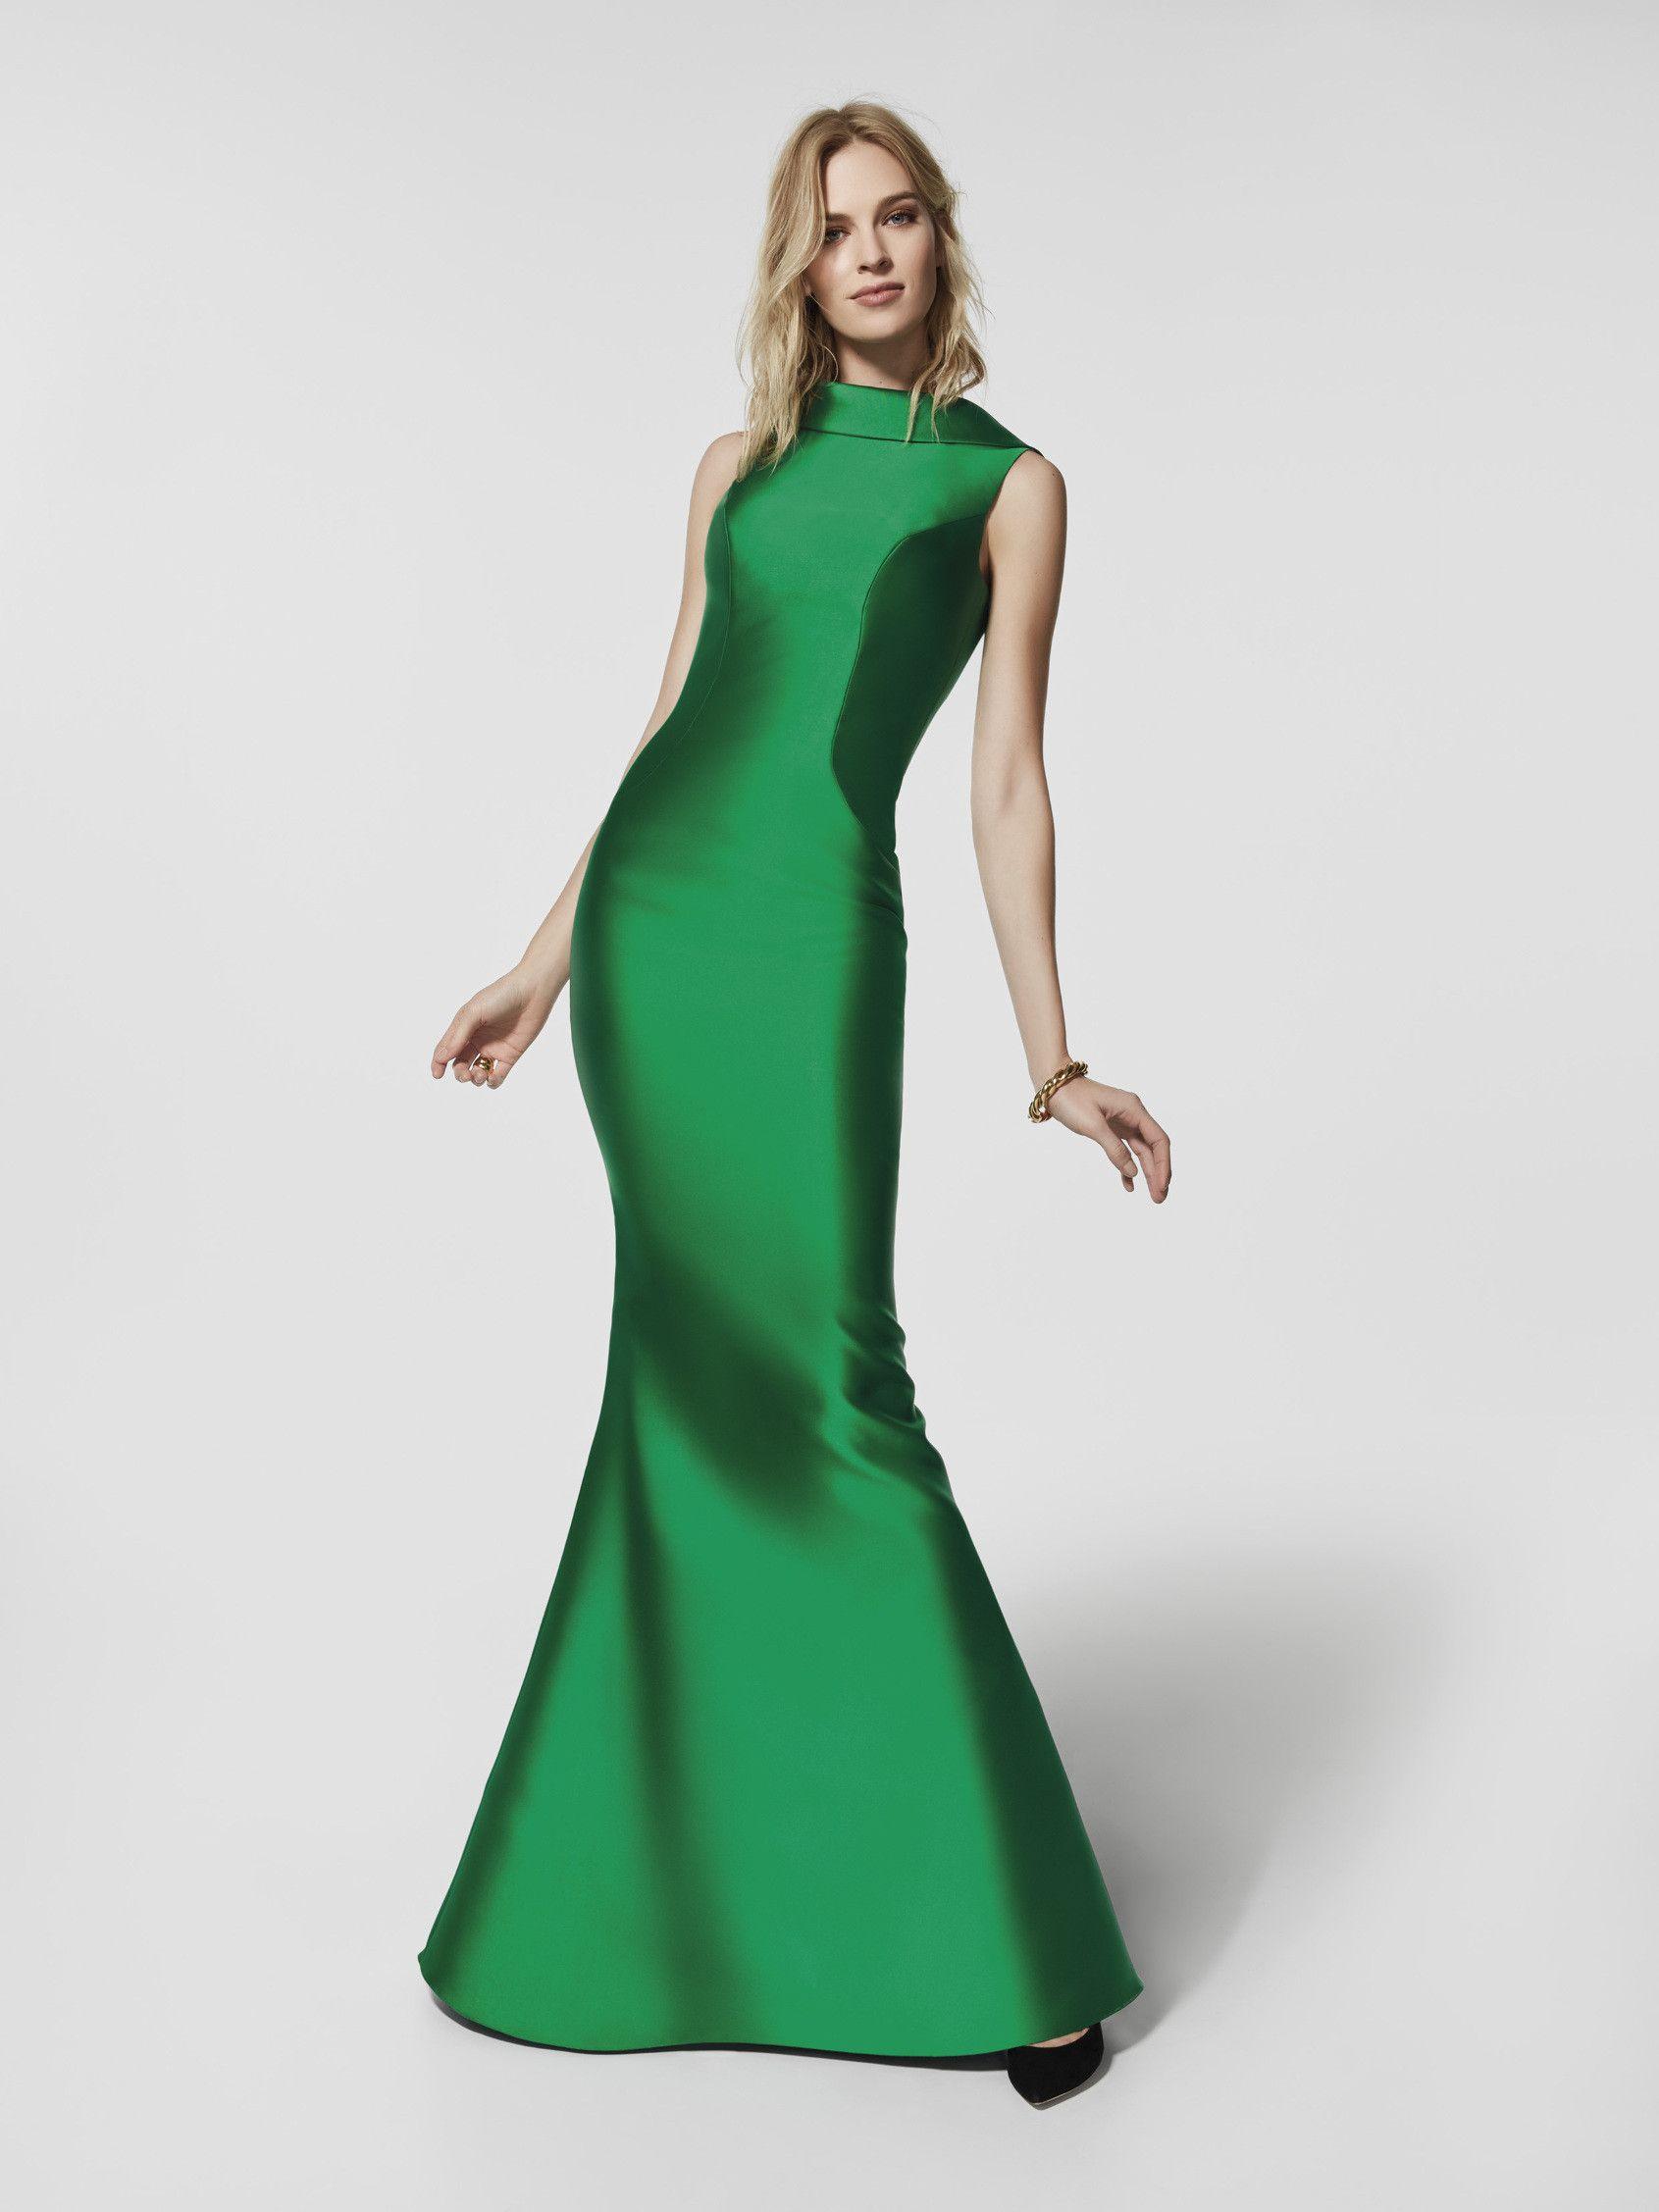 Que significa sonar con vestido de fiesta verde